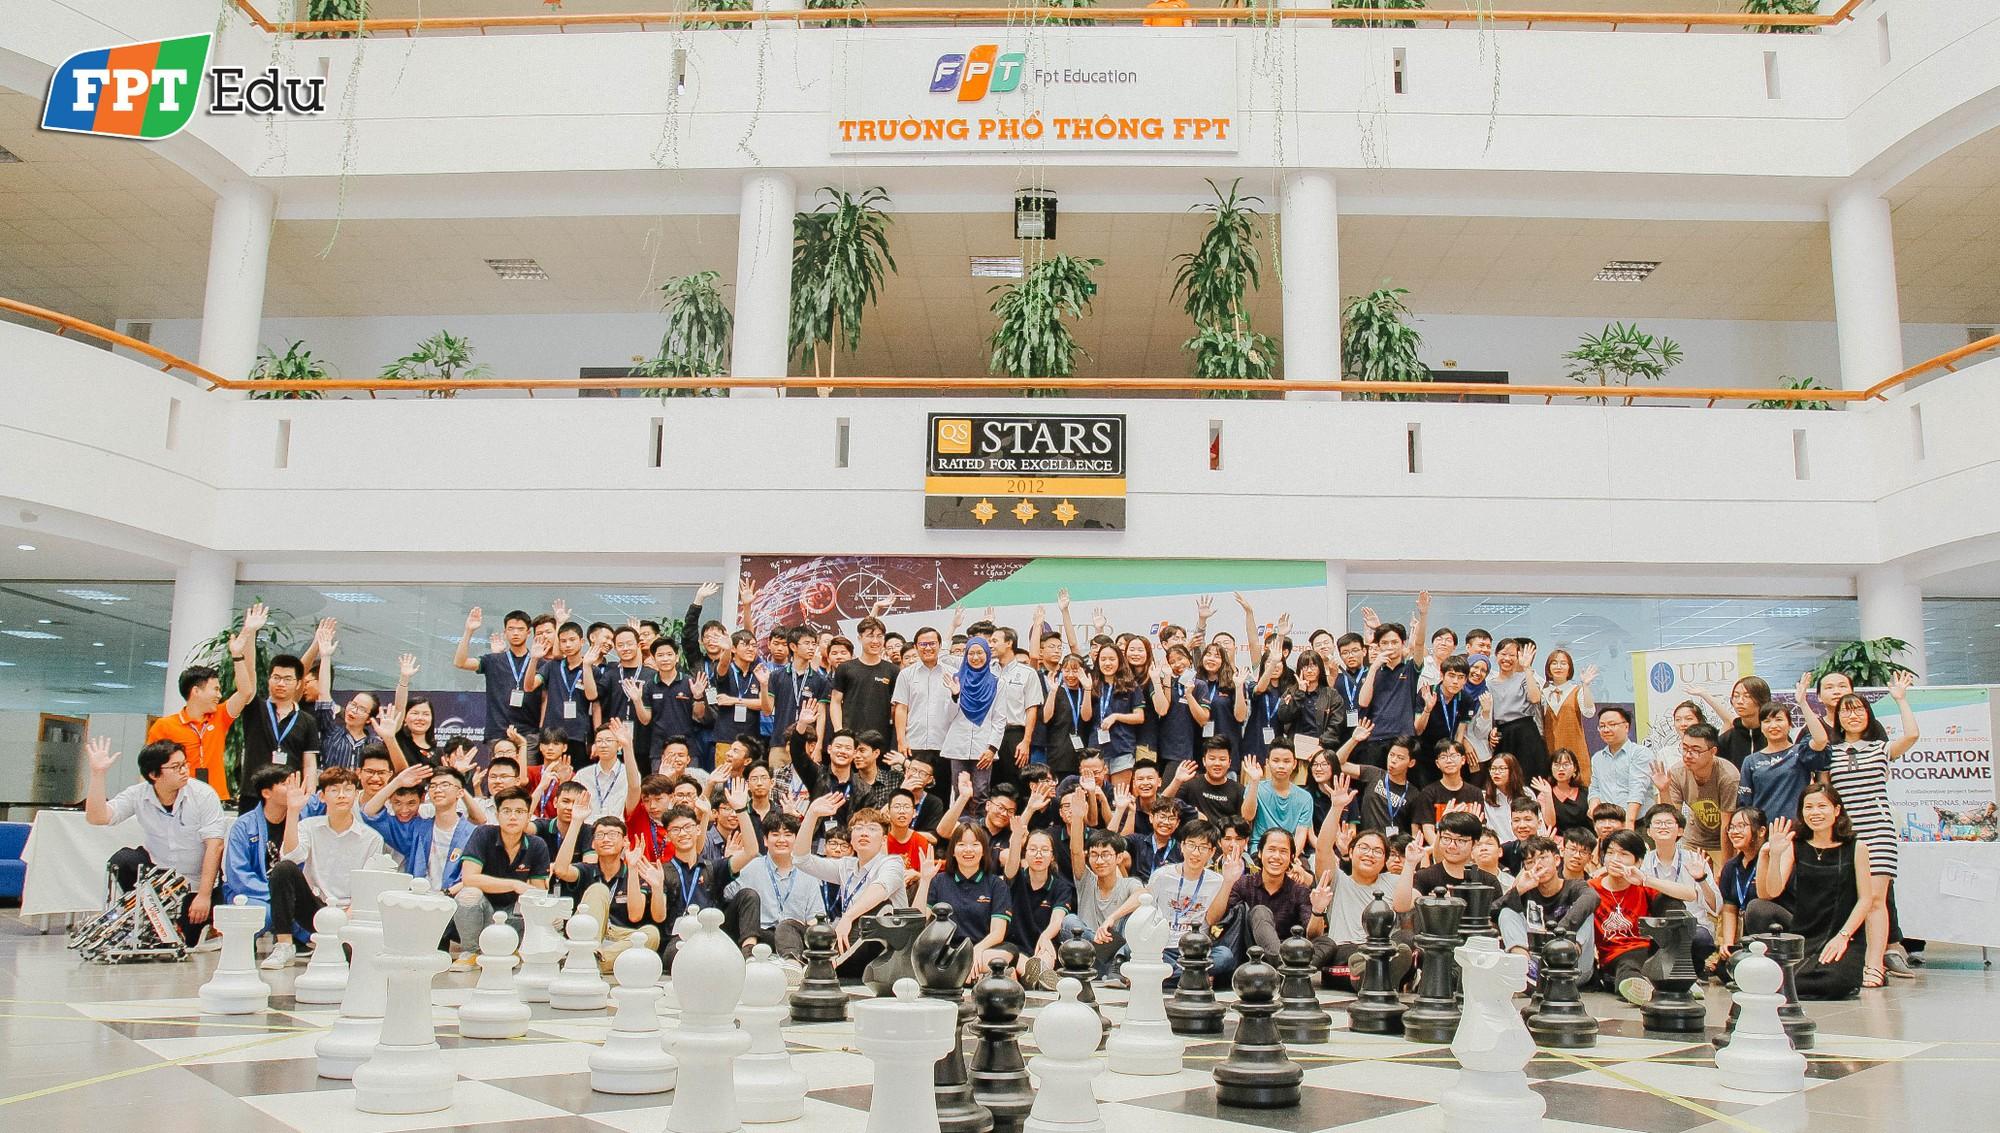 Học sinh FPT tự tay làm thí nghiệm khoa học với trường dạy dầu khí hàng đầu Malaysia - Ảnh 1.